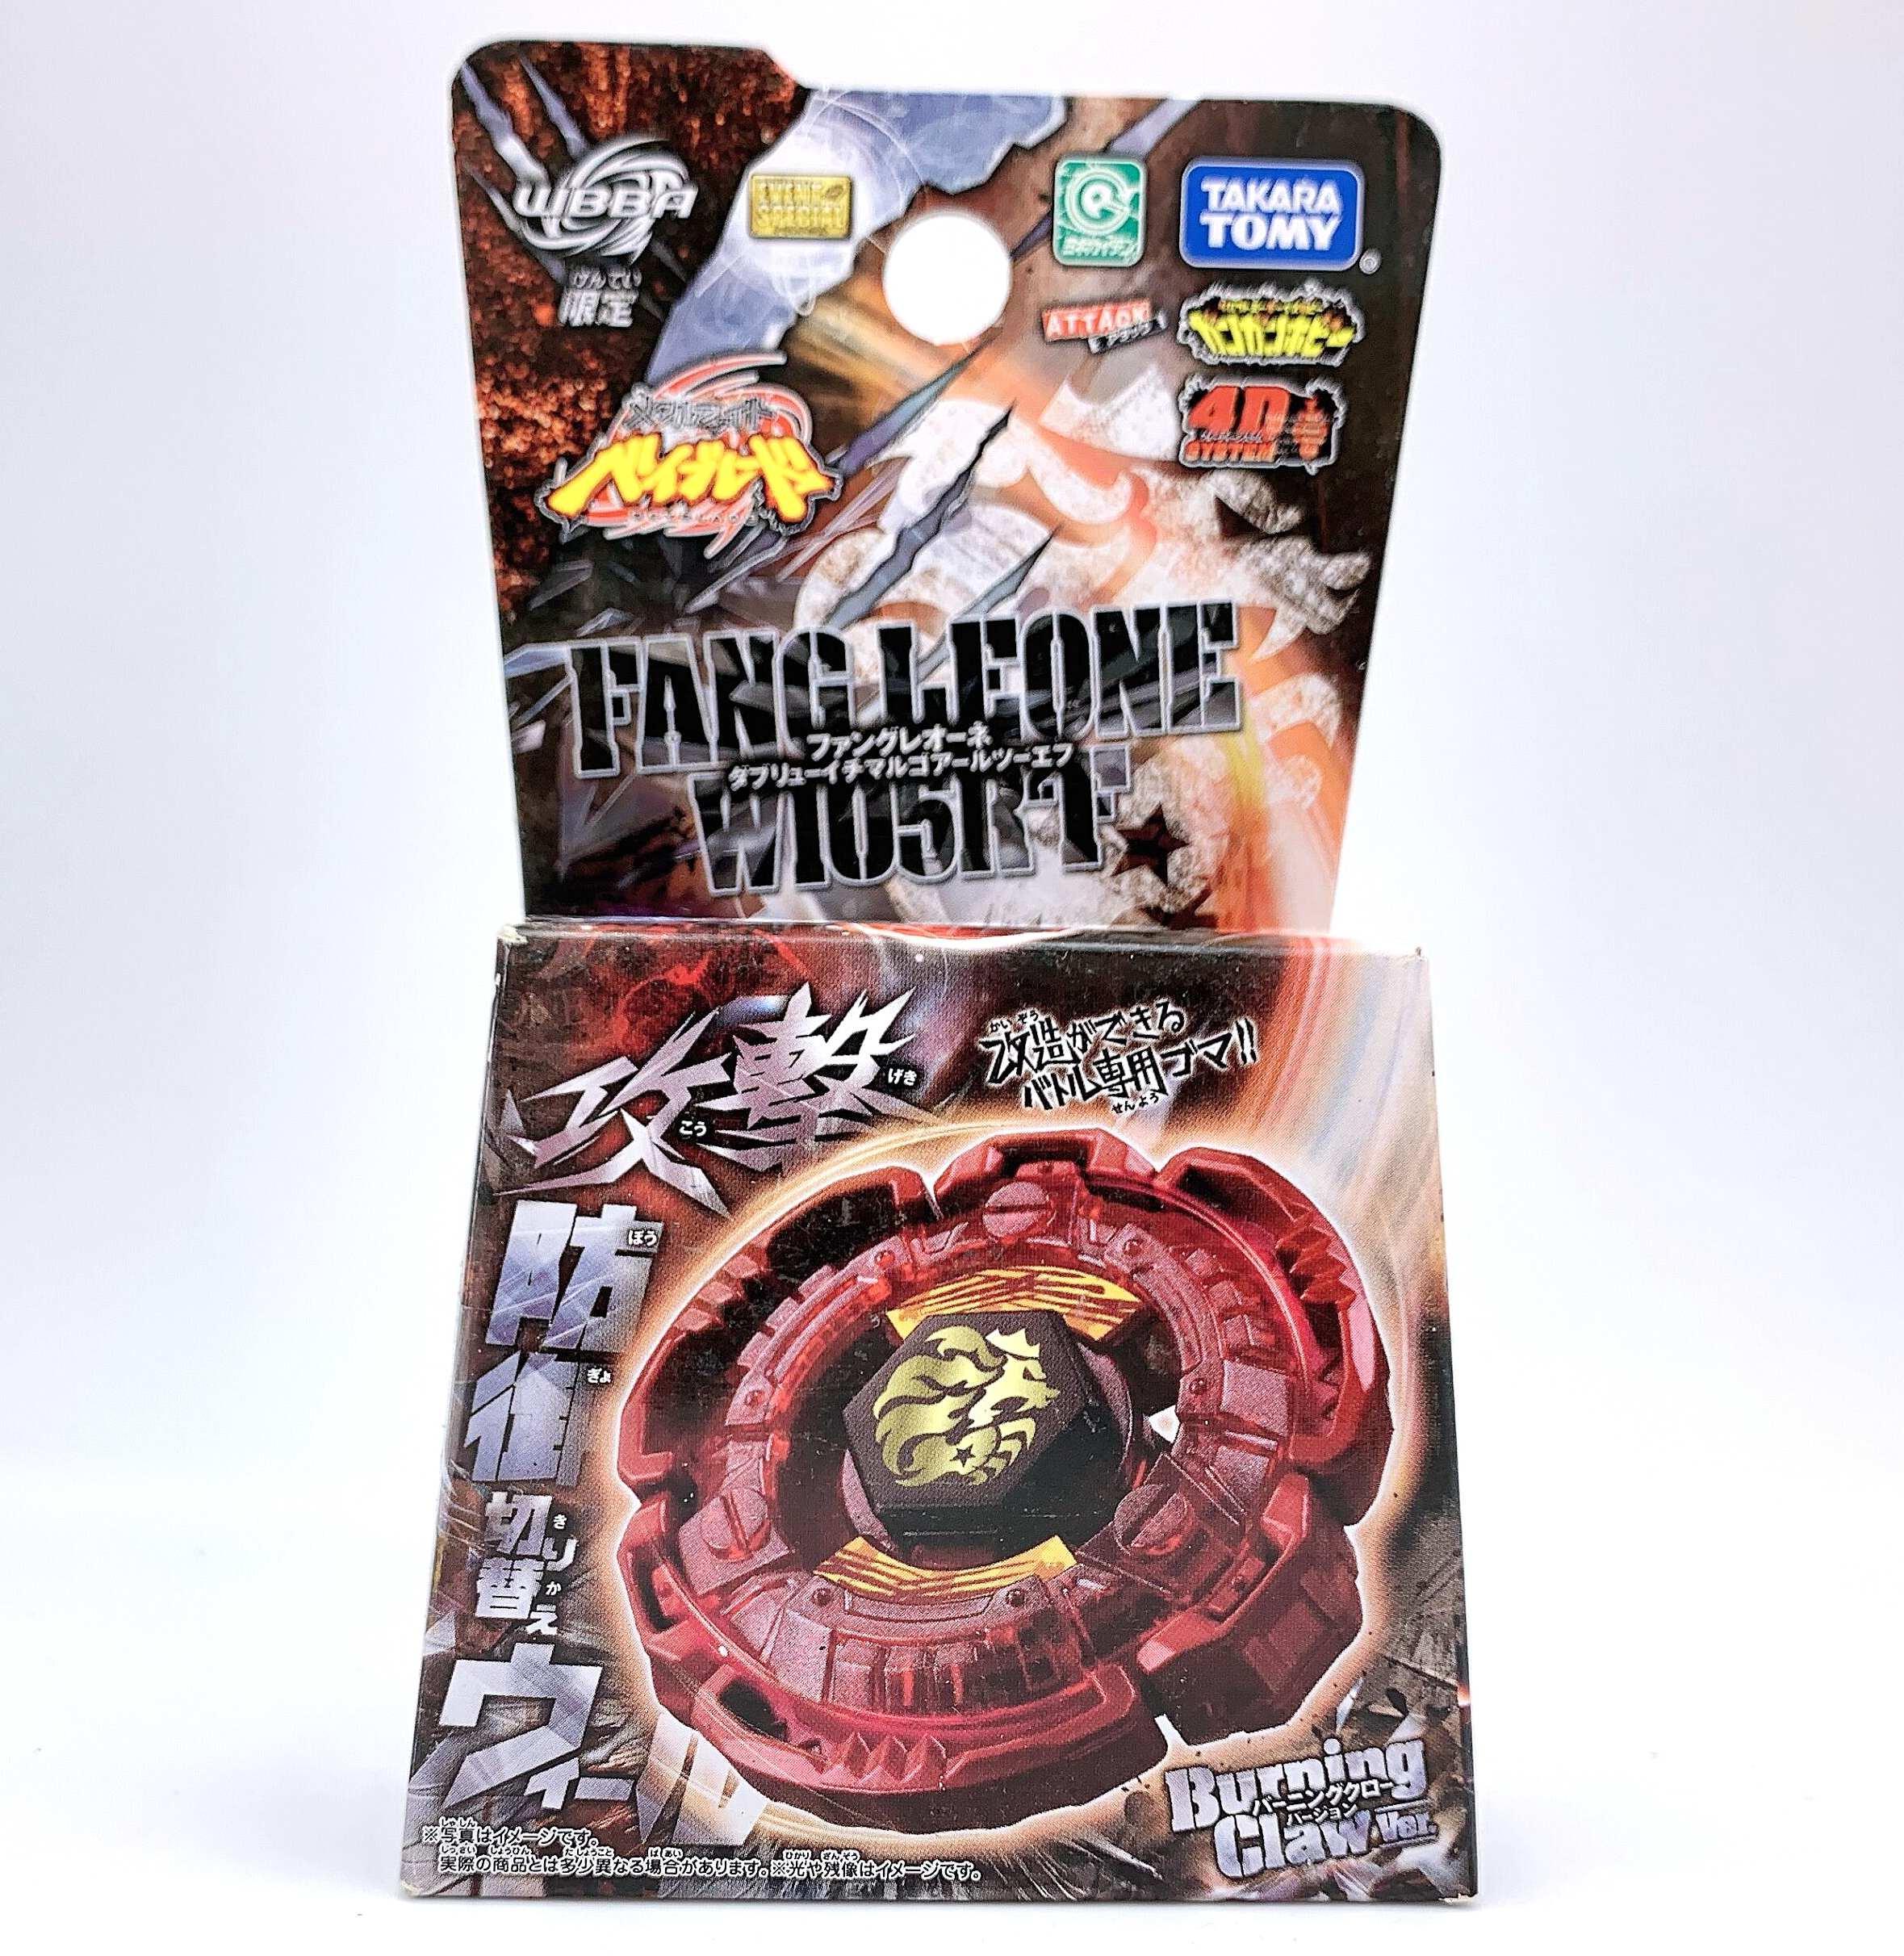 Envío gratis 100% Takara Tomy Beyblade Metal Fusion Fang Leone Burning Glaw W105R2F